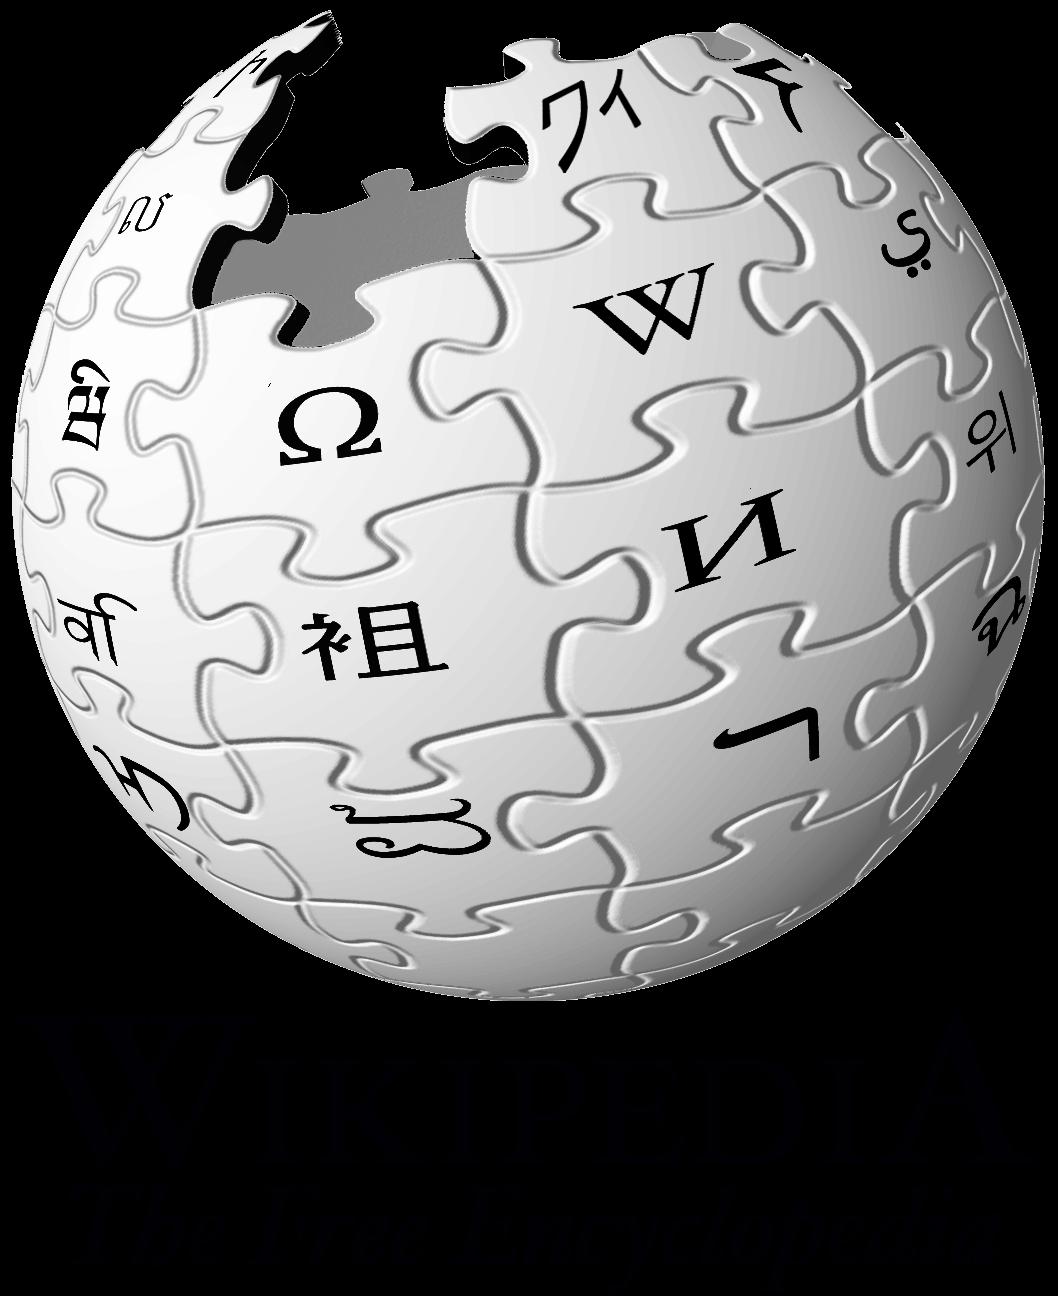 Prednosti i mane Wikipedije